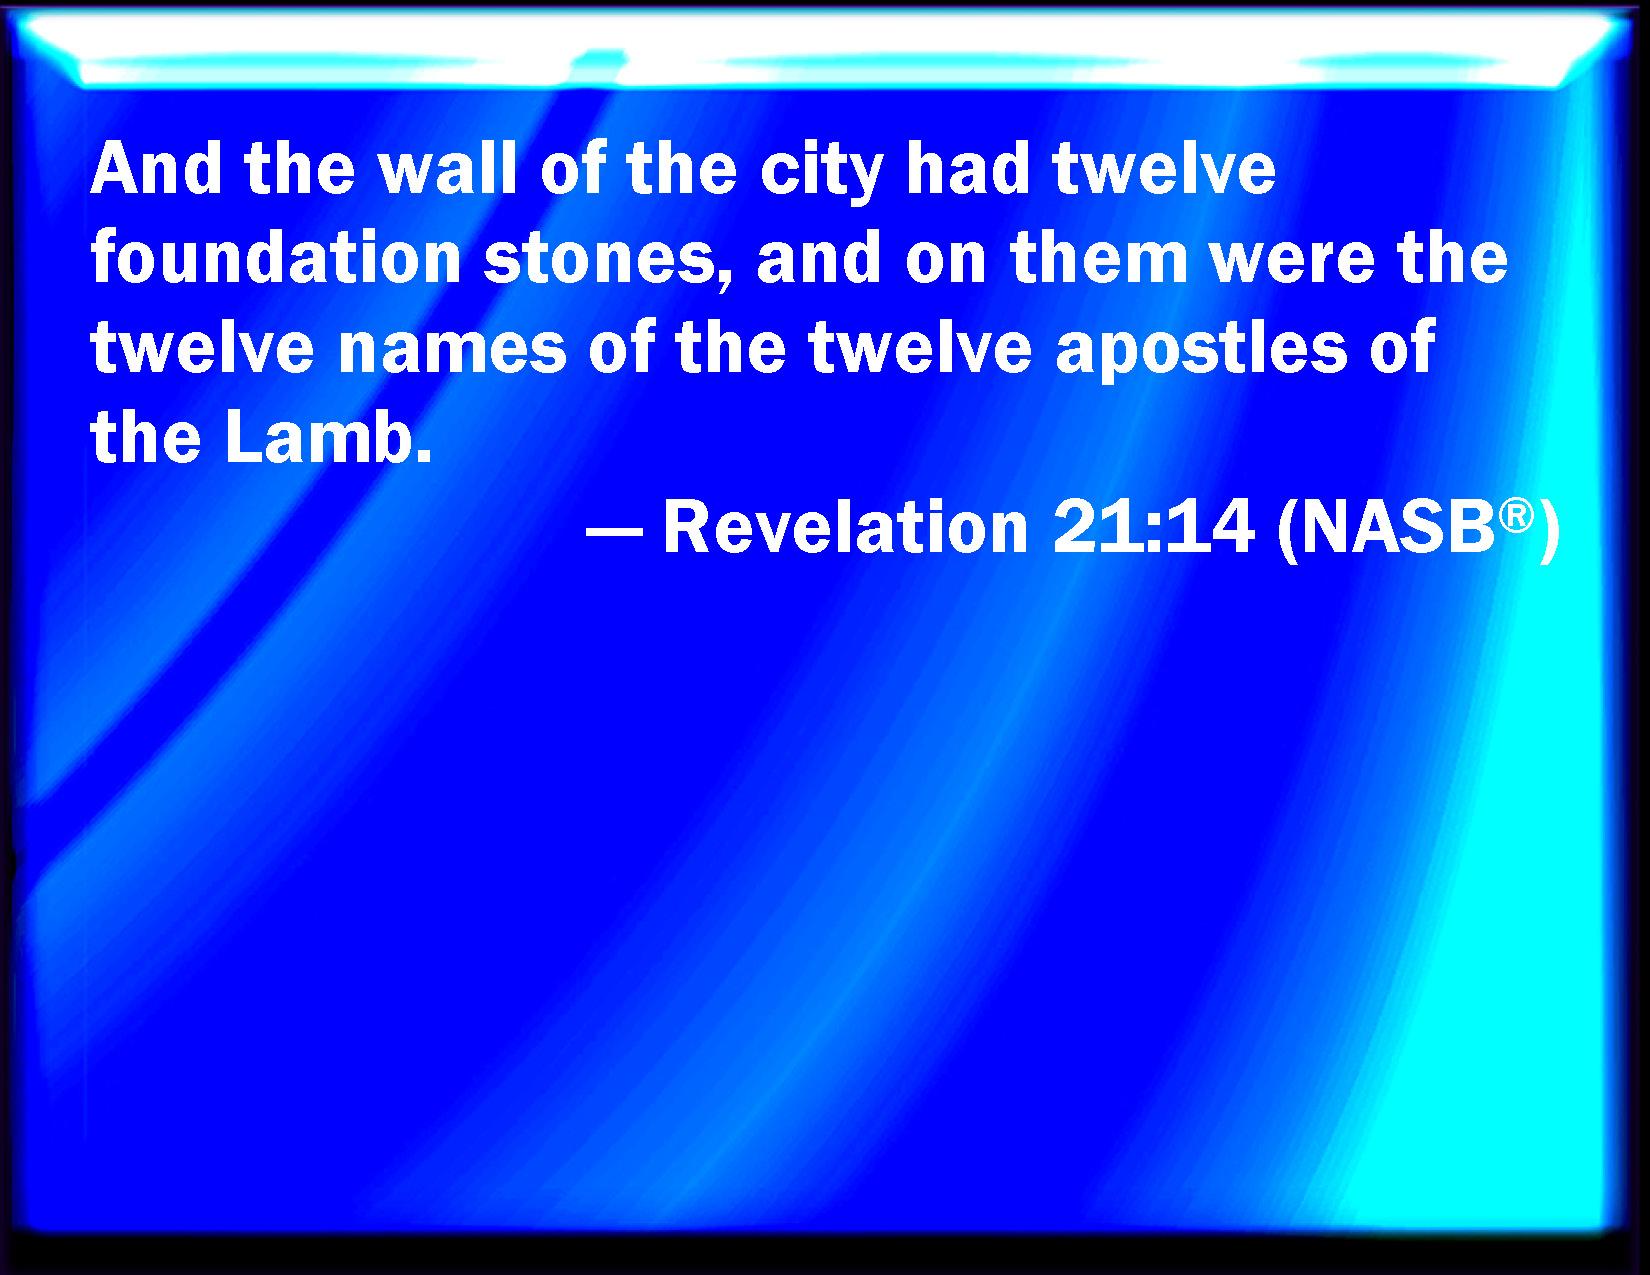 Resultado de imagen de revelation 21:14